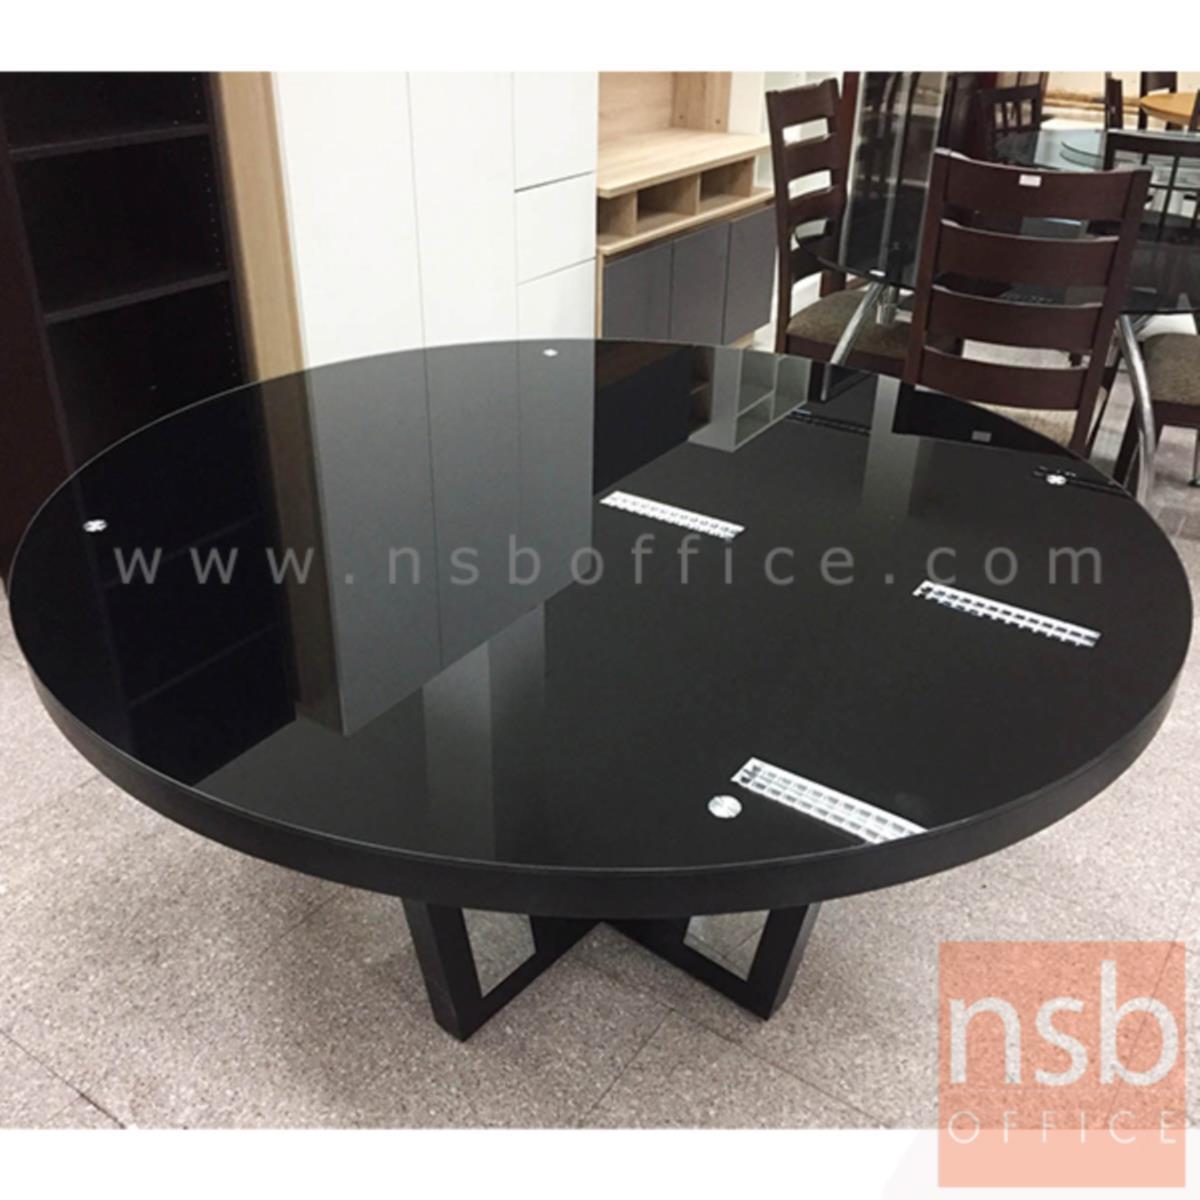 โต๊ะรับประทานอาหารหน้ากระจกชาดำ รุ่น Applegate (แอปเปิลเกต) ขนาด 135Di ,150Di cm.